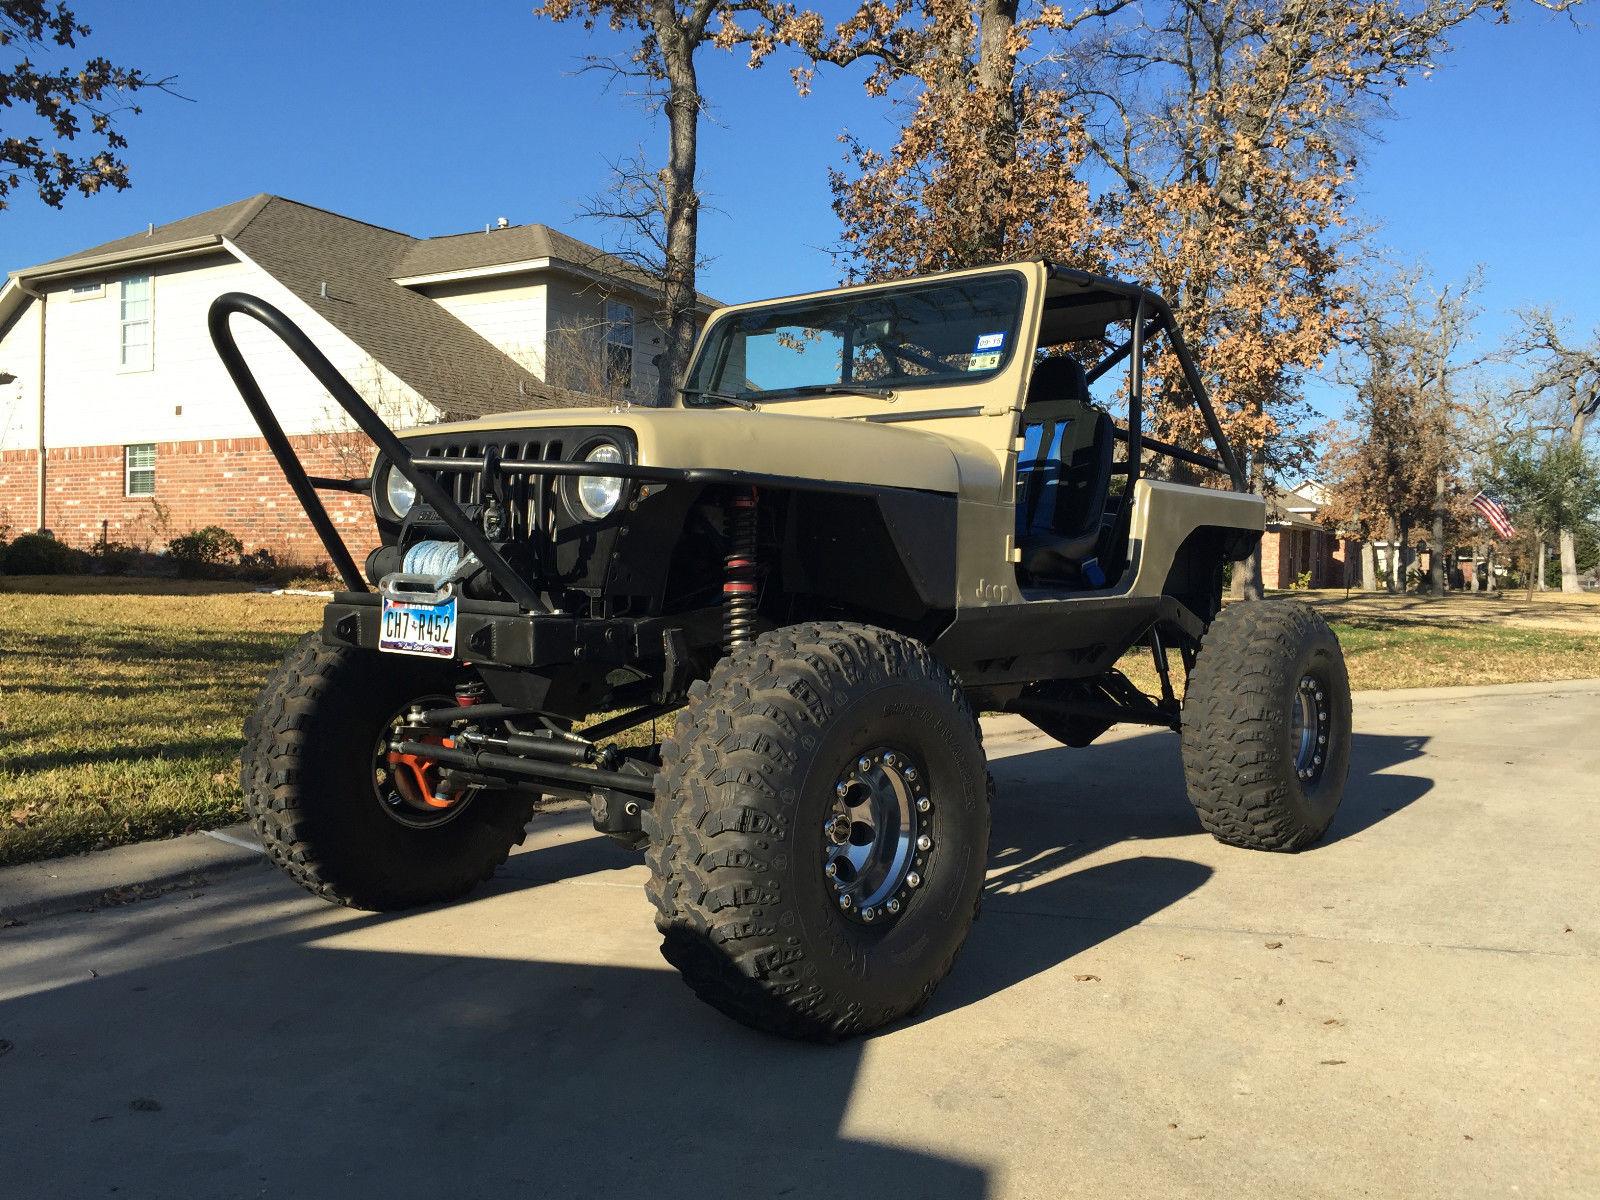 1992 Jeep Wrangler Yj Custom Rock Crawler Street Legal For Sale In